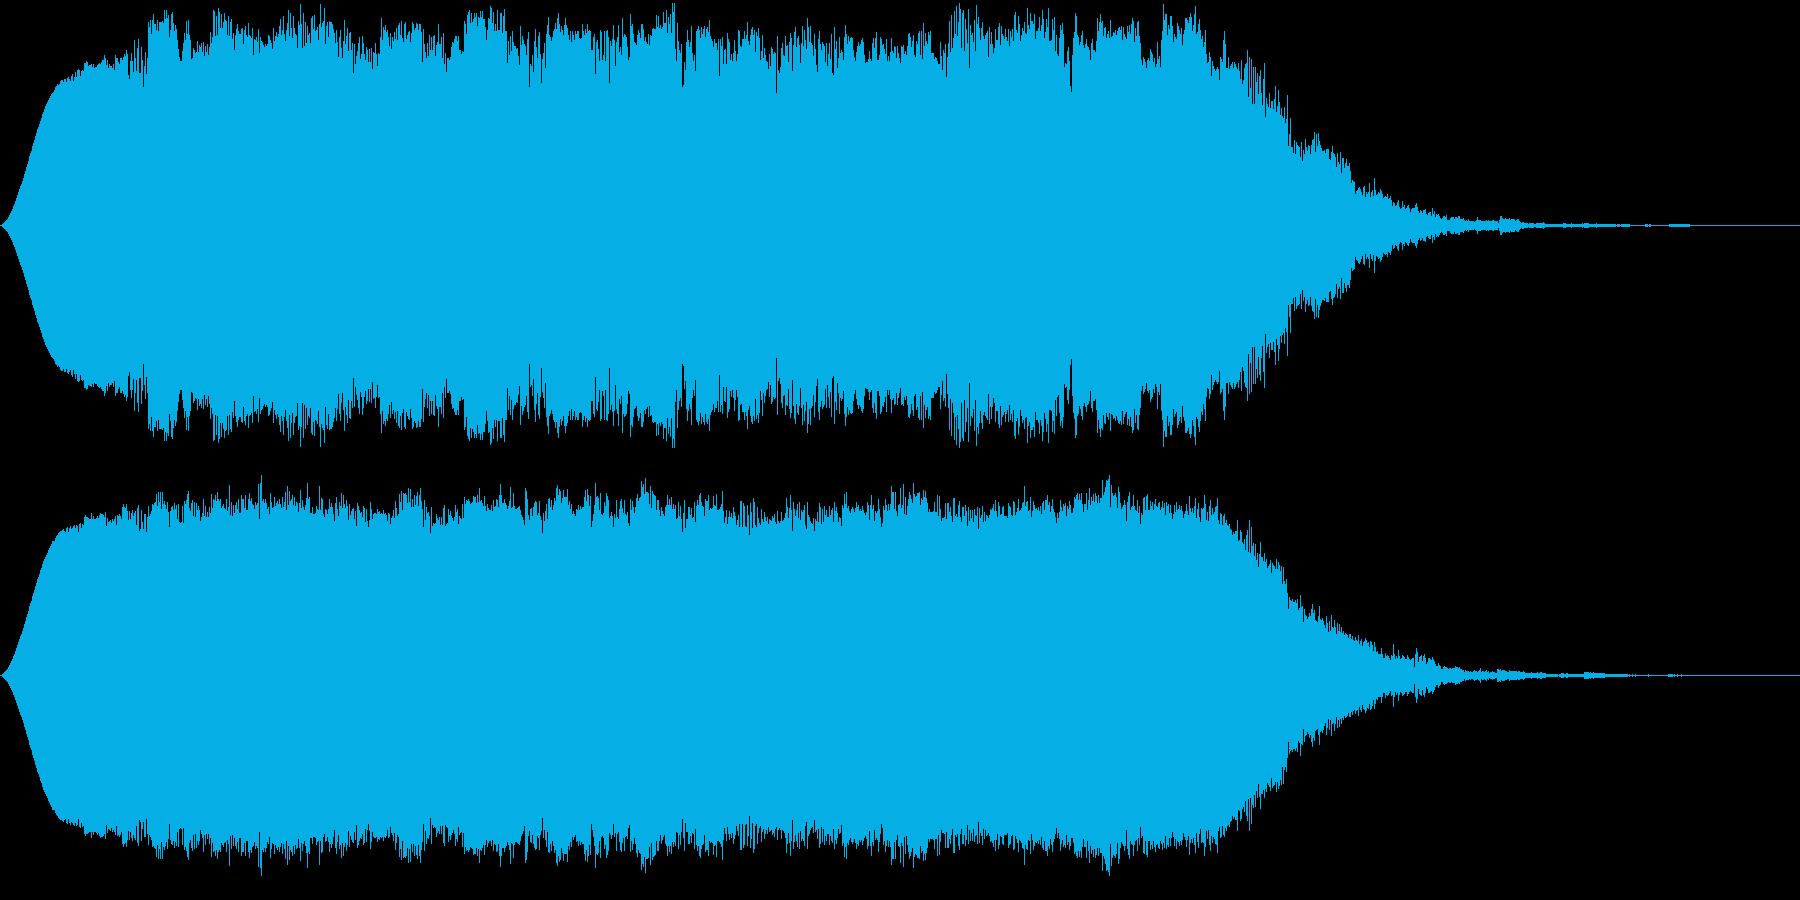 SFな昔のコンピューターの考え中の音の再生済みの波形